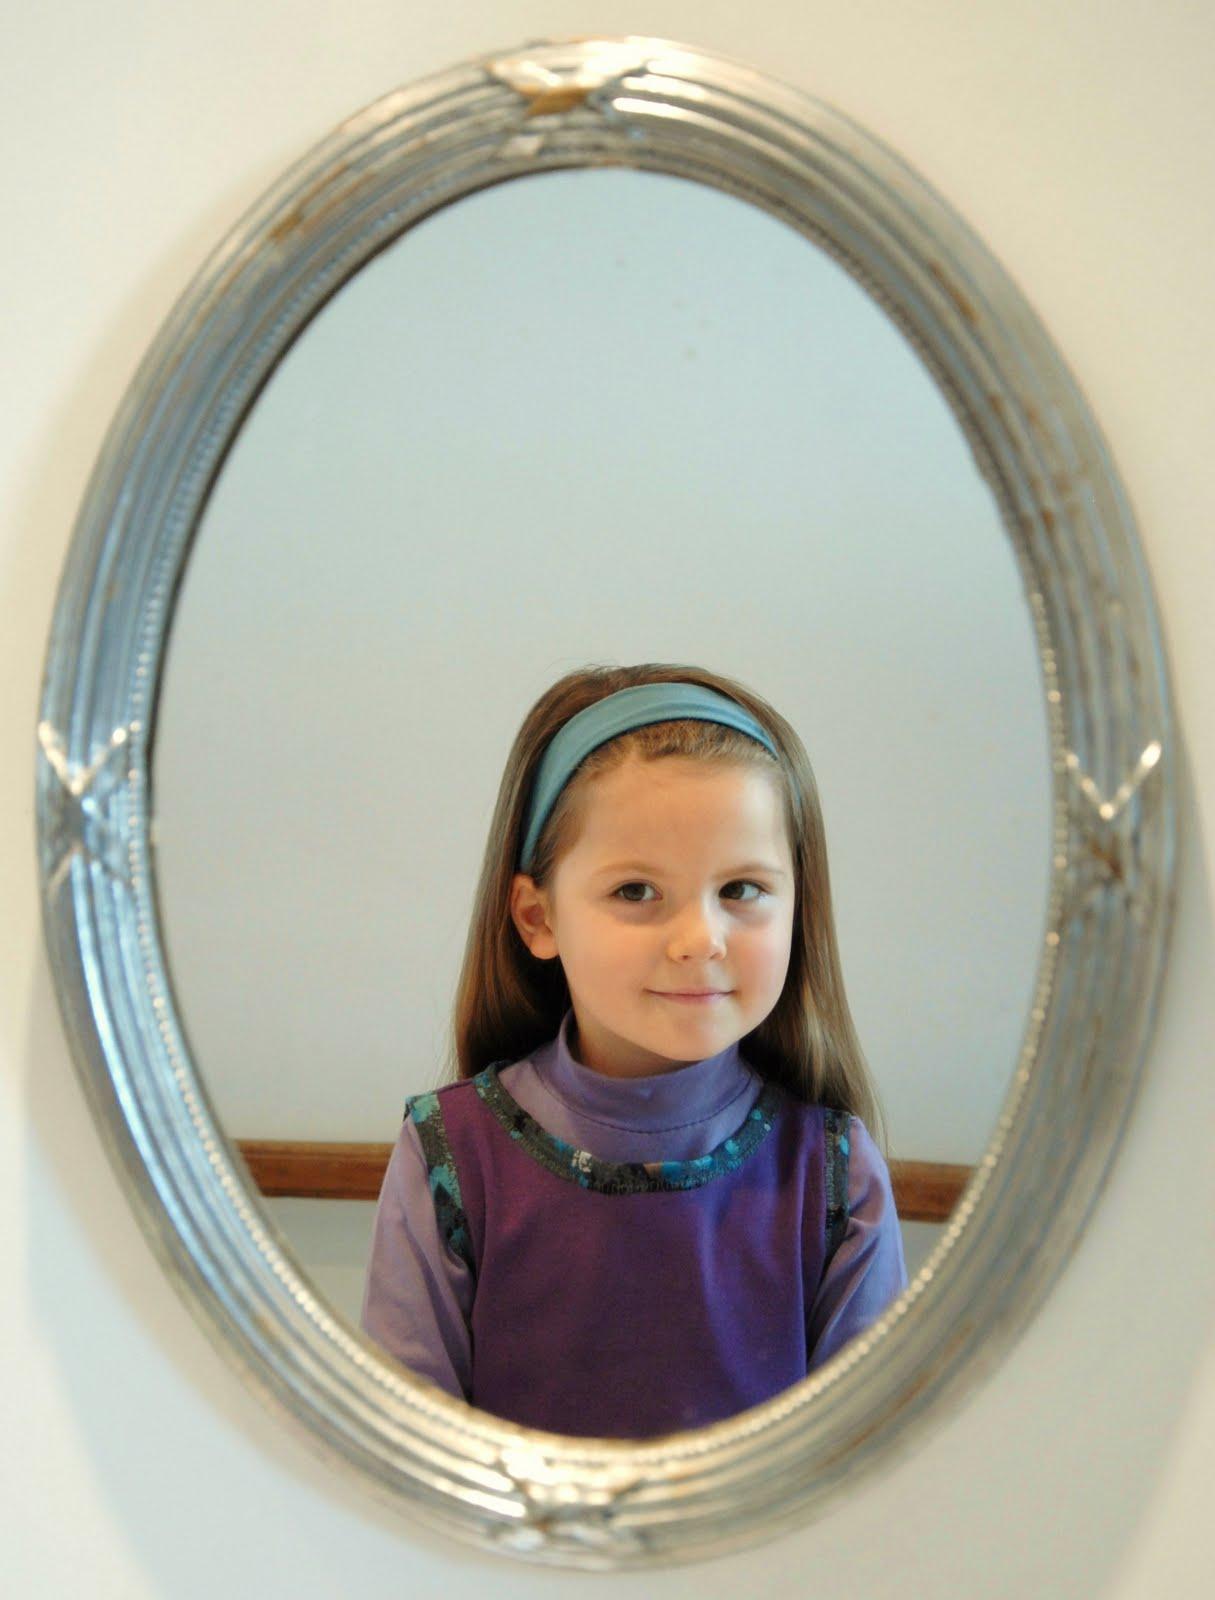 Van ons 39 thuis spiegeltje spiegeltje aan de wand - Spiegel barokke thuis van de wereld ...